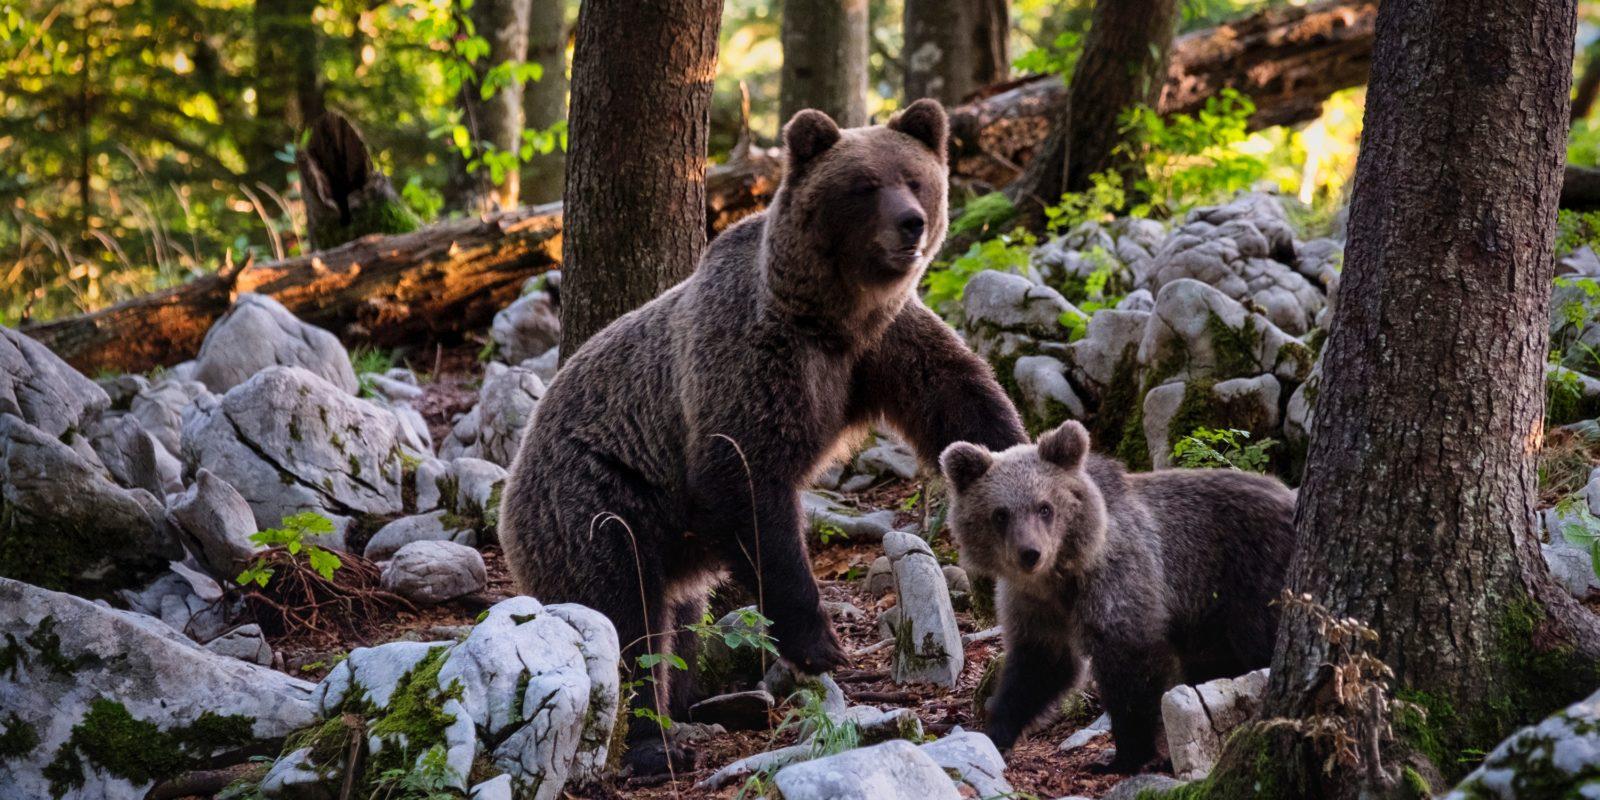 Der Bärenabschuss ist in Rumänien von der Regierung legitimiert